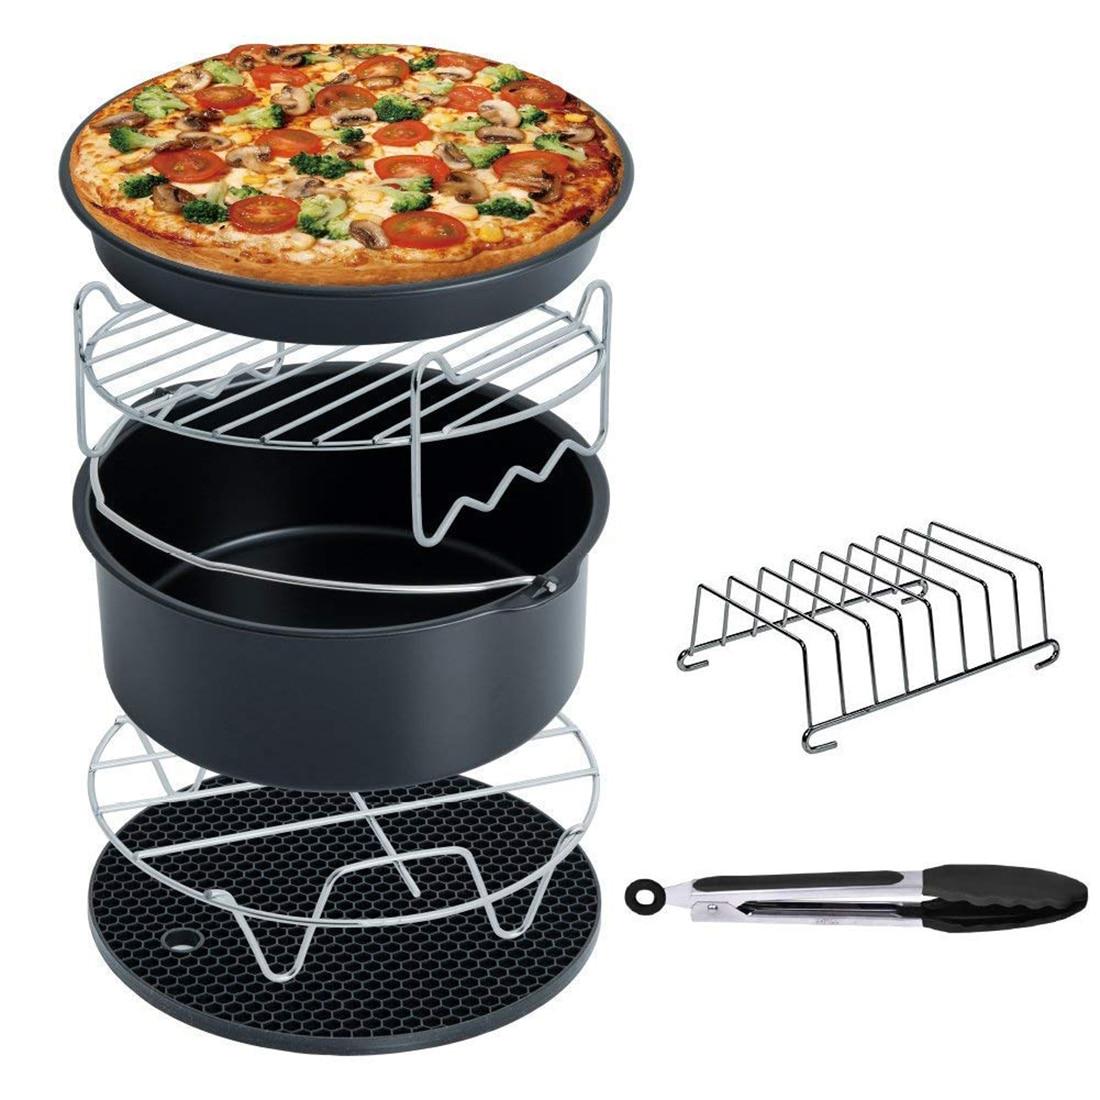 Rack-Holder Air-Fryer-Accessories Deep-Fryer Pizza-Pan All Fit XL Mat Skewer Cake-Barrel